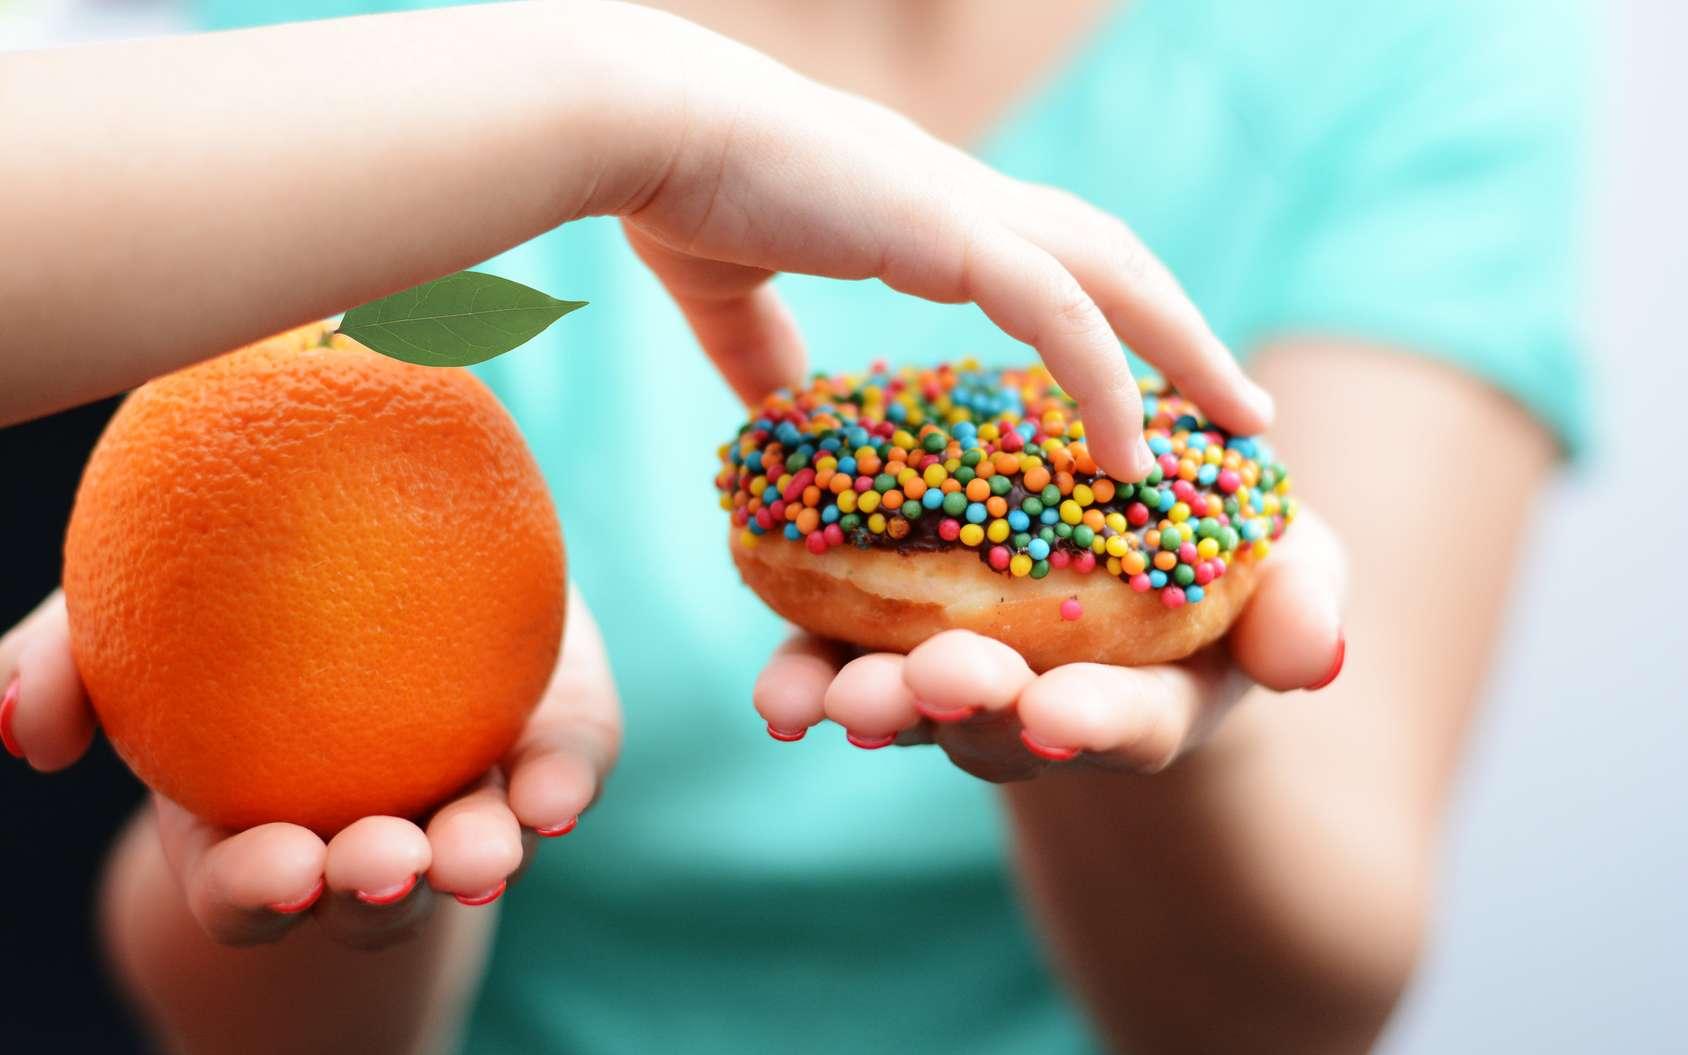 Le choix alimentaire d'un enfant obèse souffrant d'addiction alimentaire. © adrianilie825, Fotolia